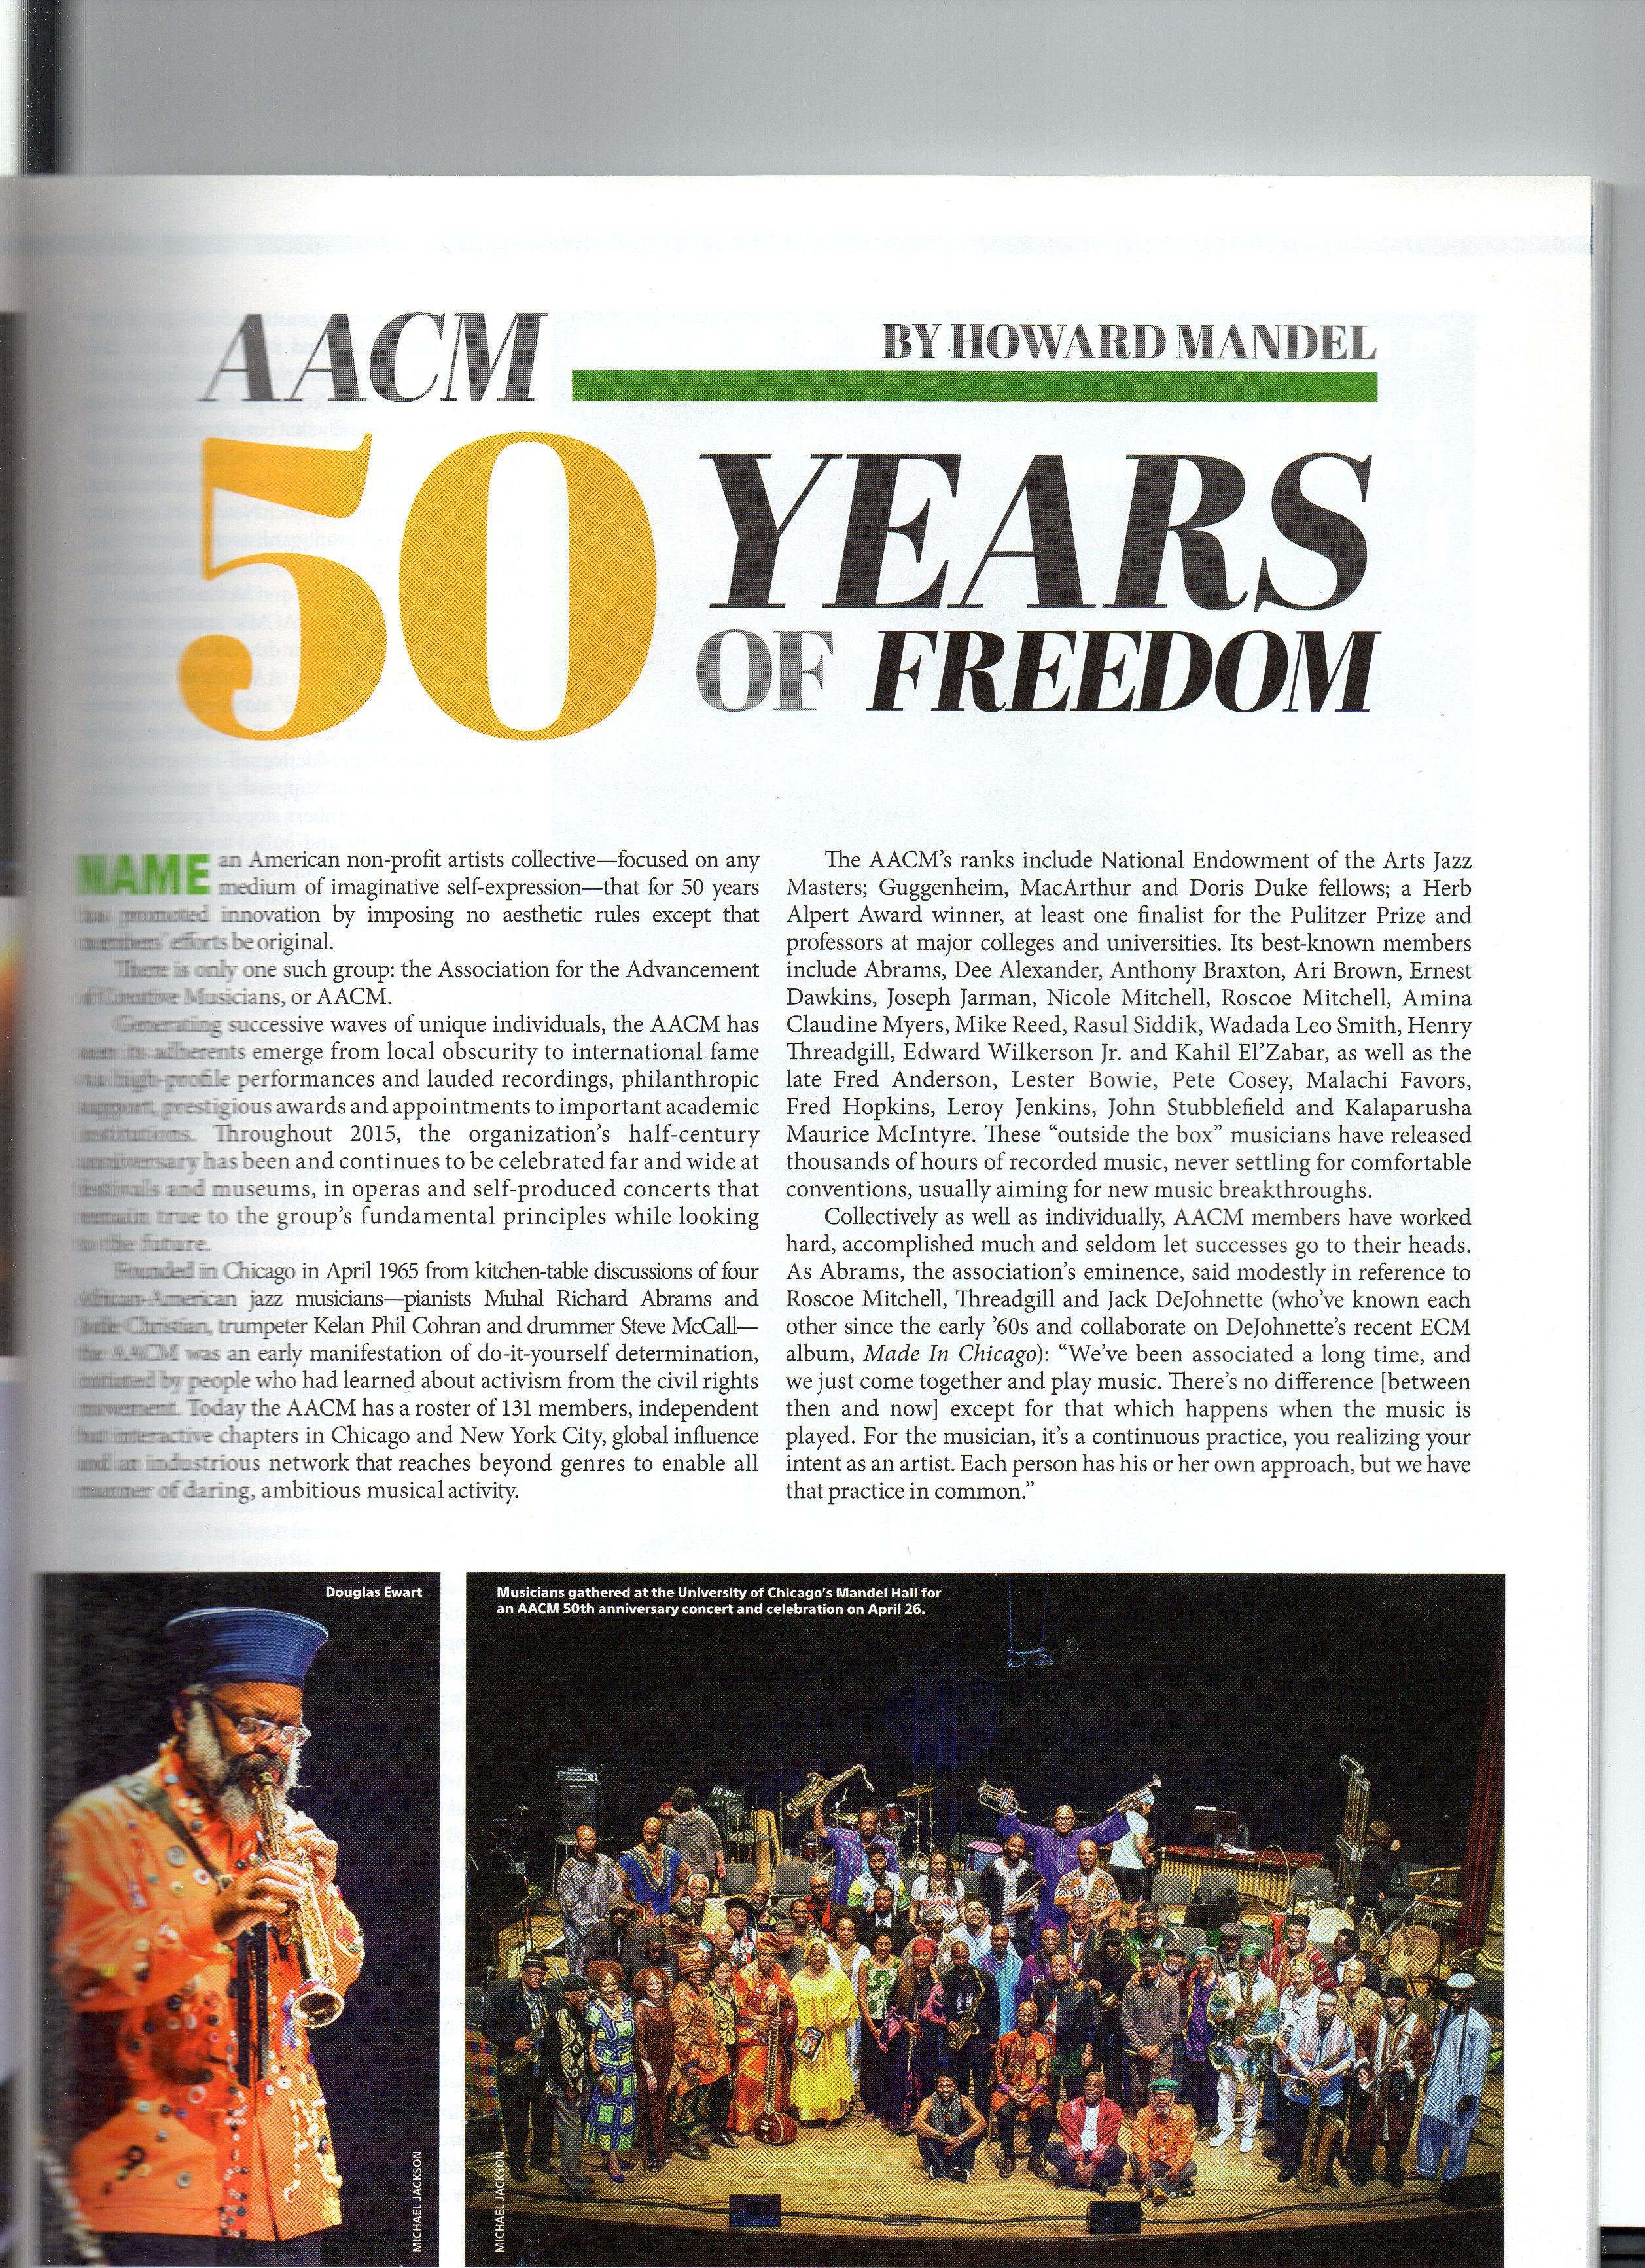 """Downbeat fête les 50 ans de l'AACM, sous le titre """"50 ans de liberté"""". Dans le même numéro - c'est aussi la couverture - un """"en mémoire d'Ornette Coleman""""."""